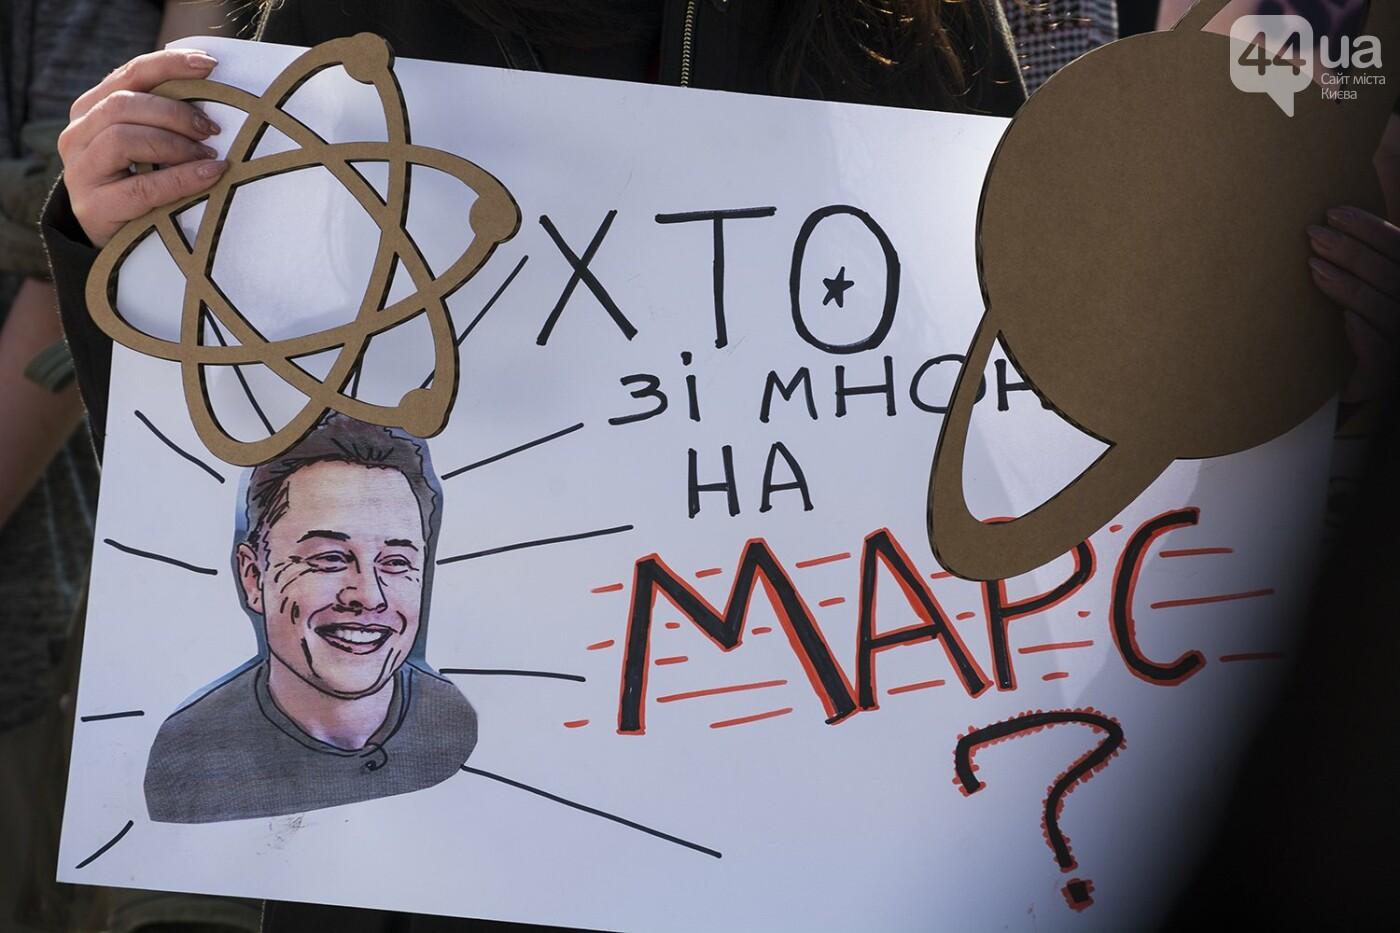 Ученые против мракобесия: в Киеве прошел марш за науку, фото-26